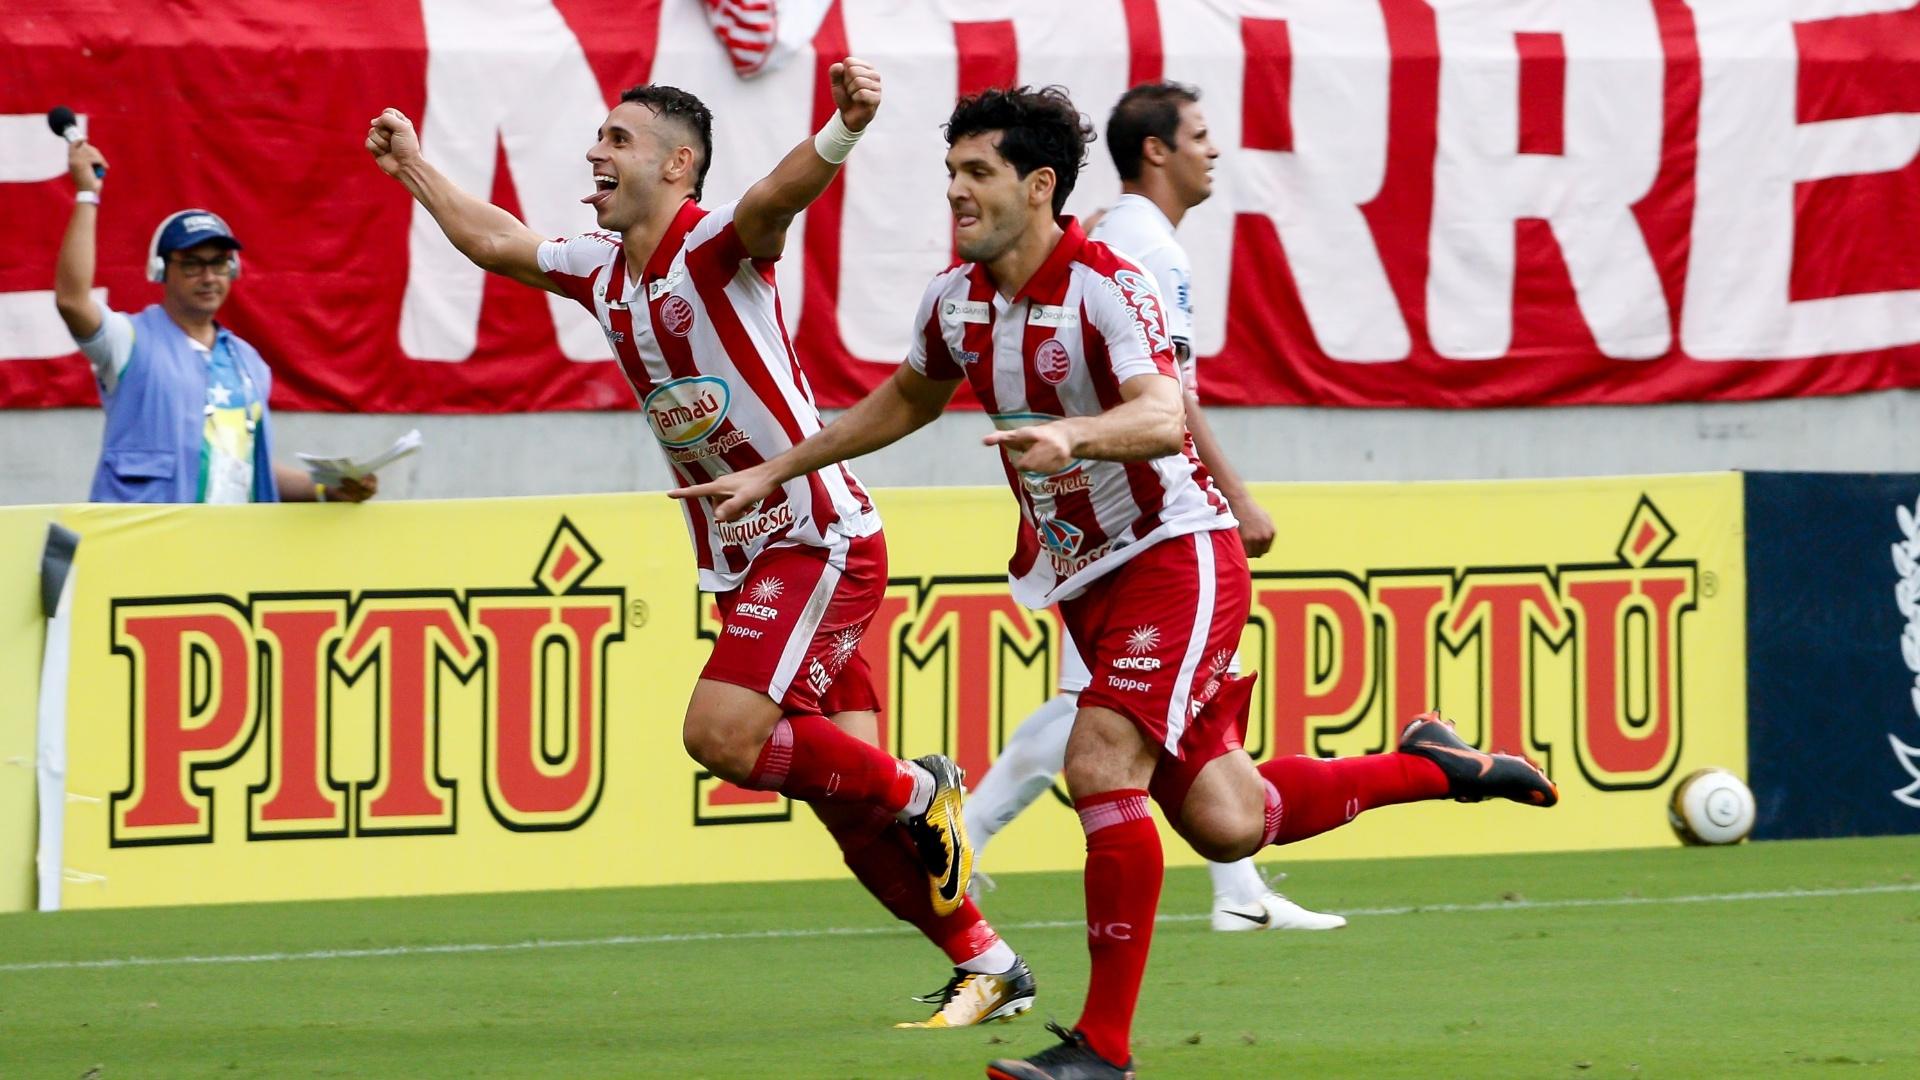 Ortigoza comemora gol do Náutico diante do Central em jogo pelas finais do Campeonato Pernambucano de 2018